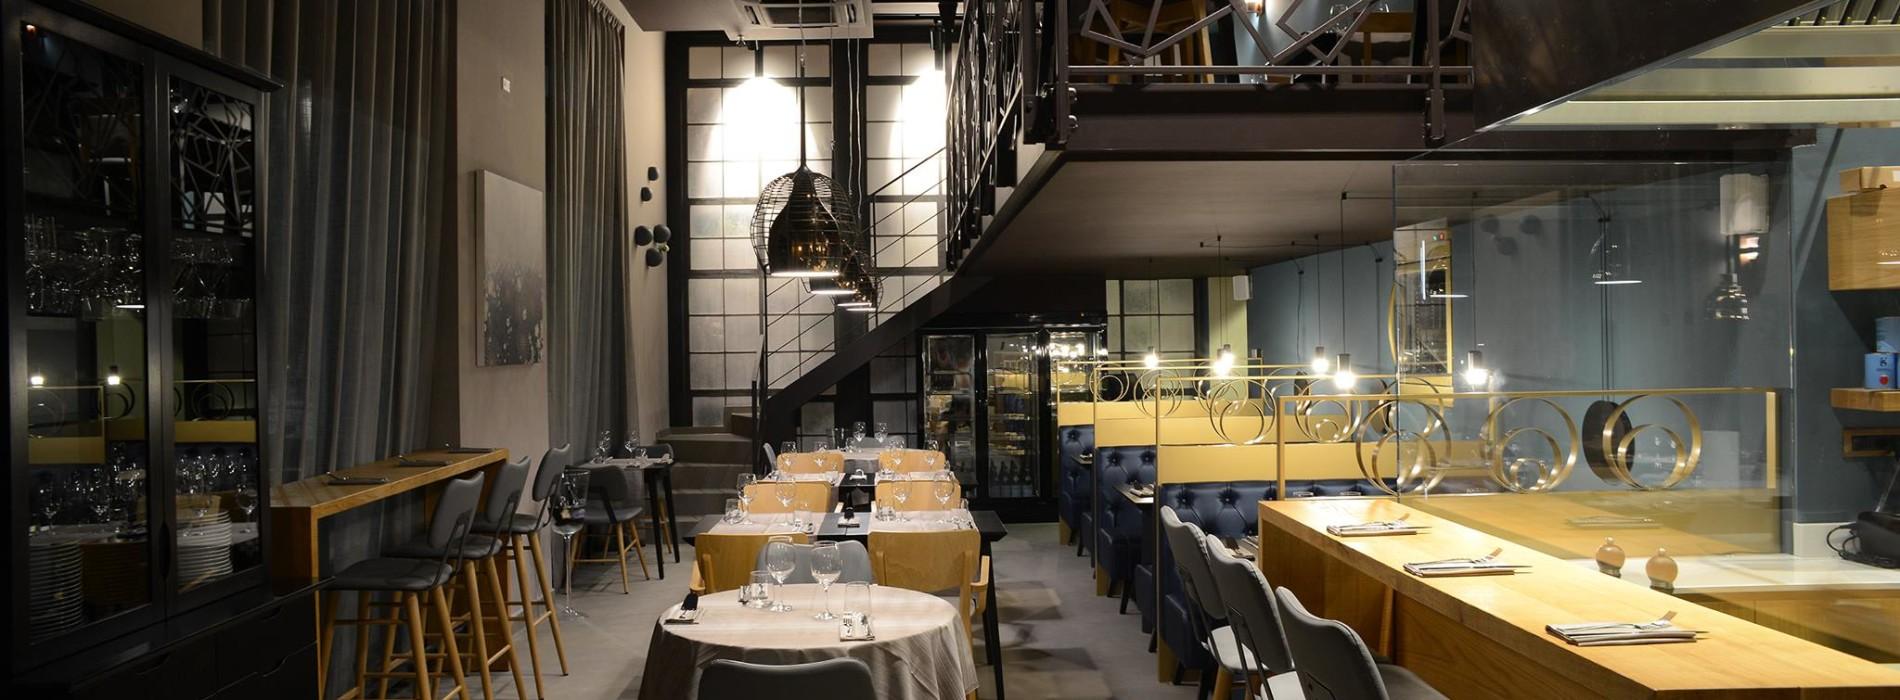 Nuovi ristoranti Milano ottobre 2015